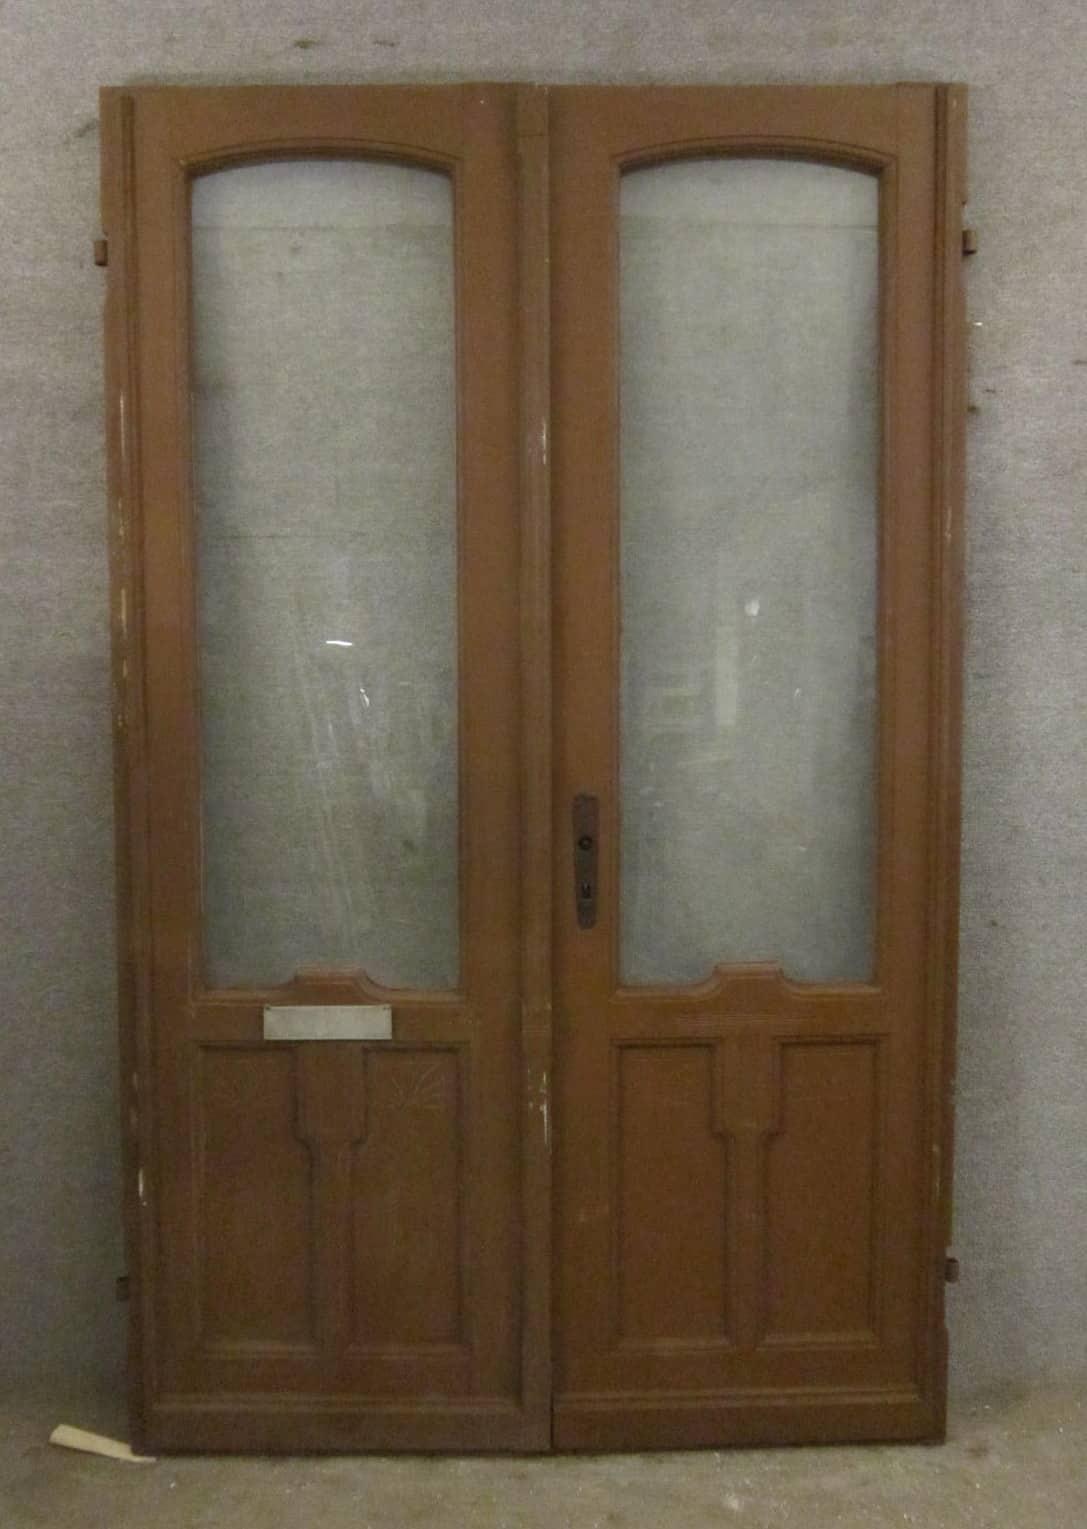 Haustür, zweiflügelig